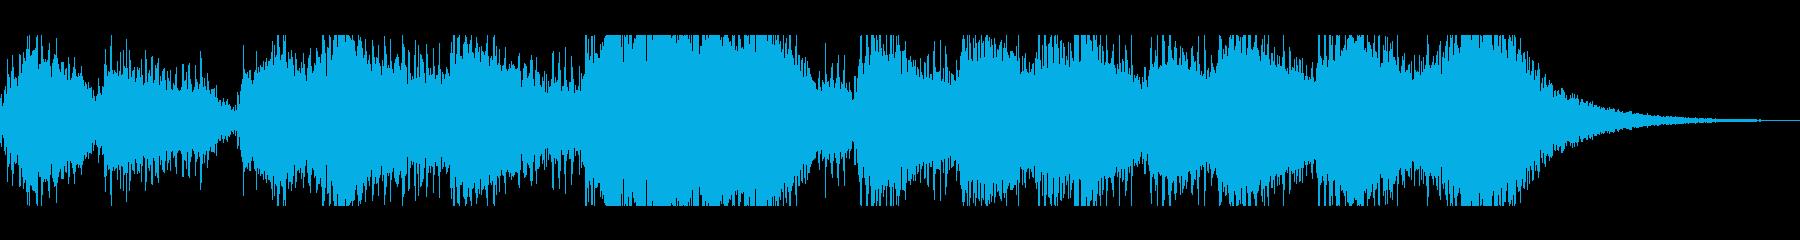 レイヤードスペースベルコーラスの再生済みの波形